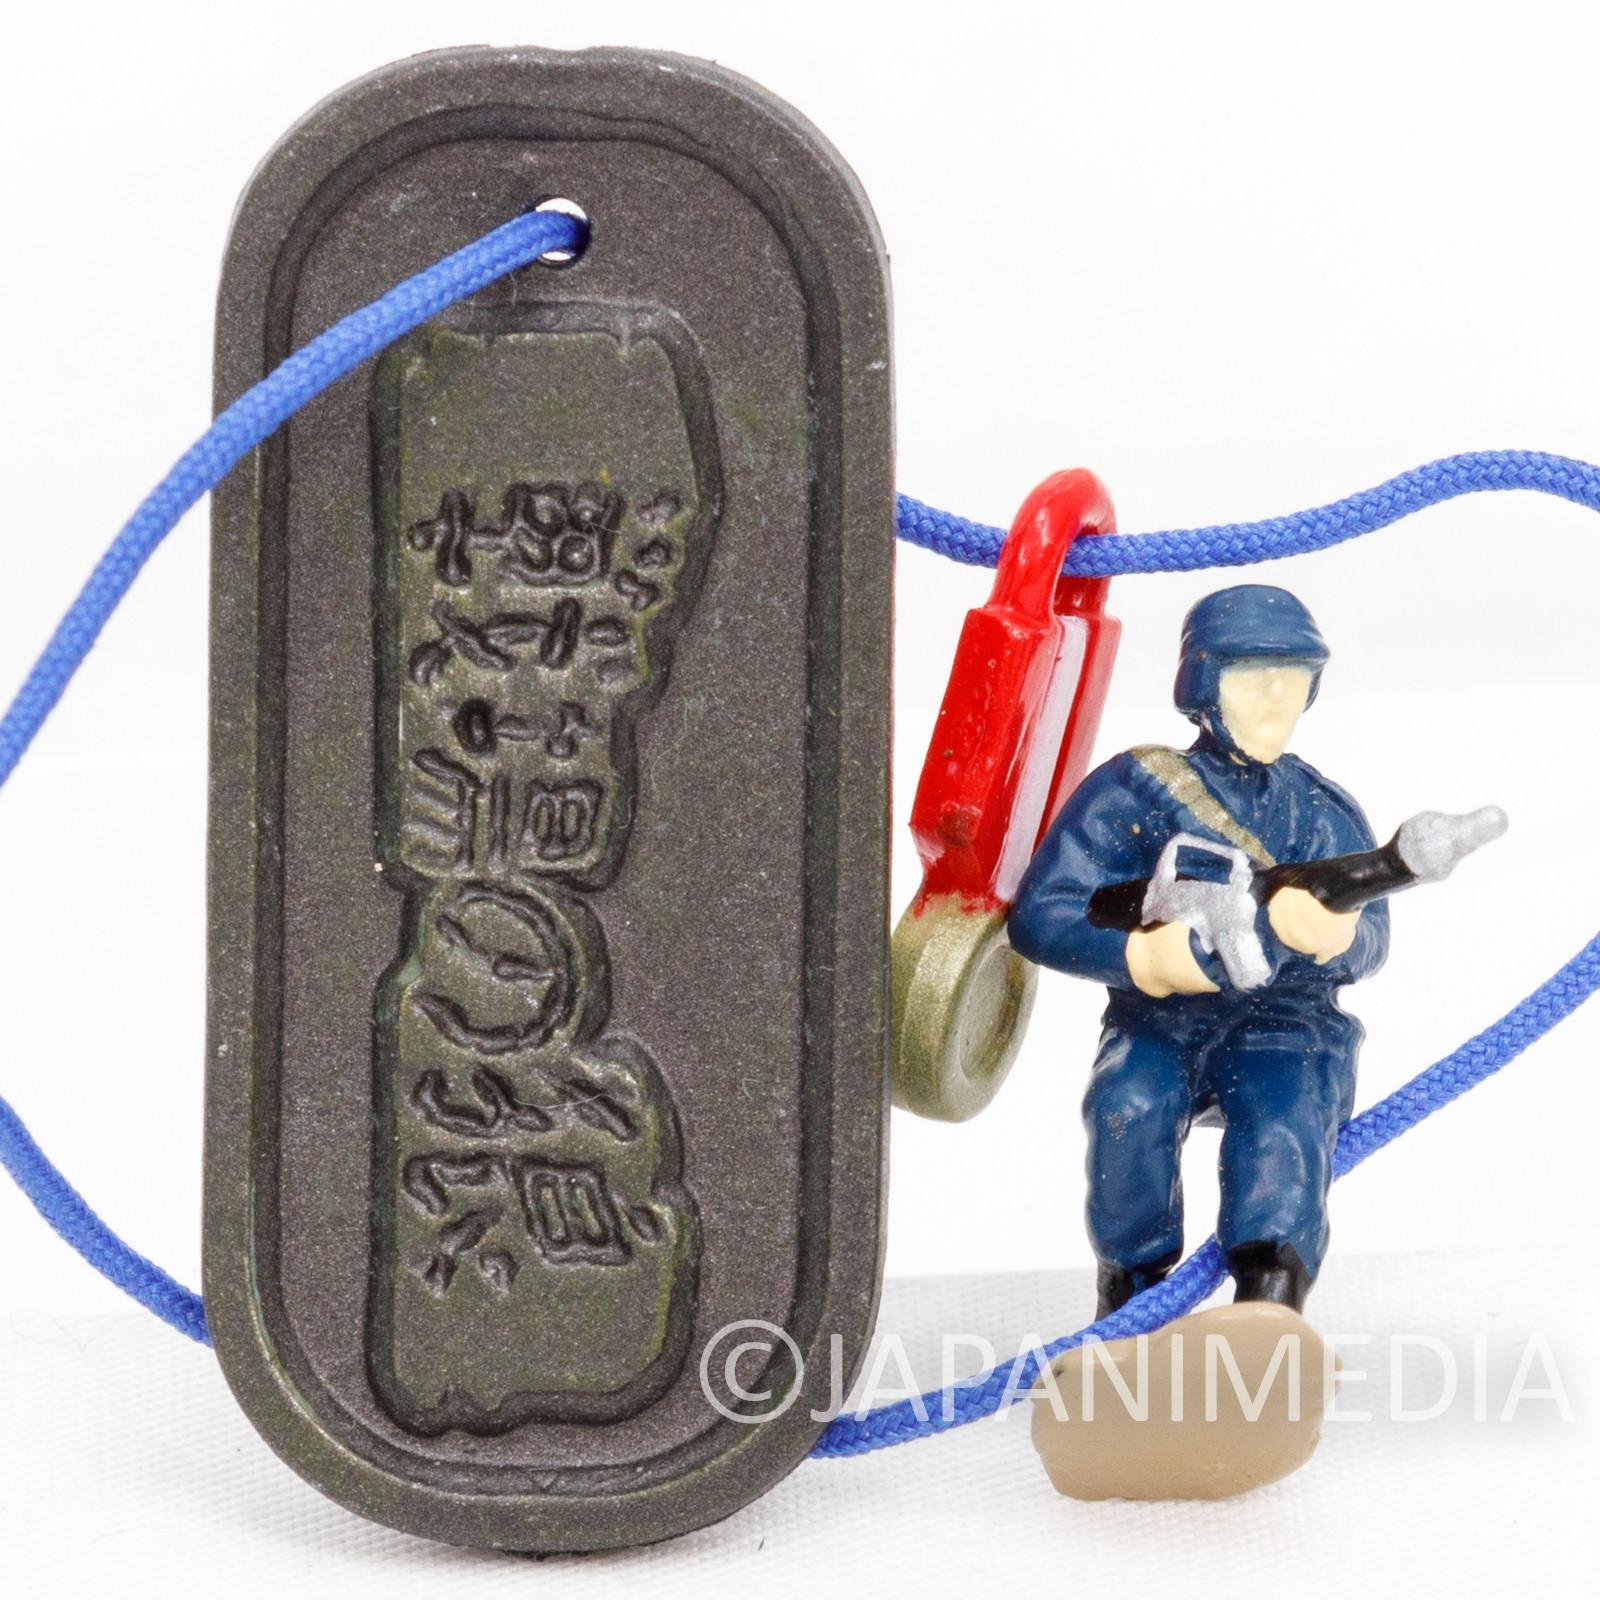 RARE! Commando Super Joe & Badge Small Figure Plate Strap Capcom Senjo no Okami